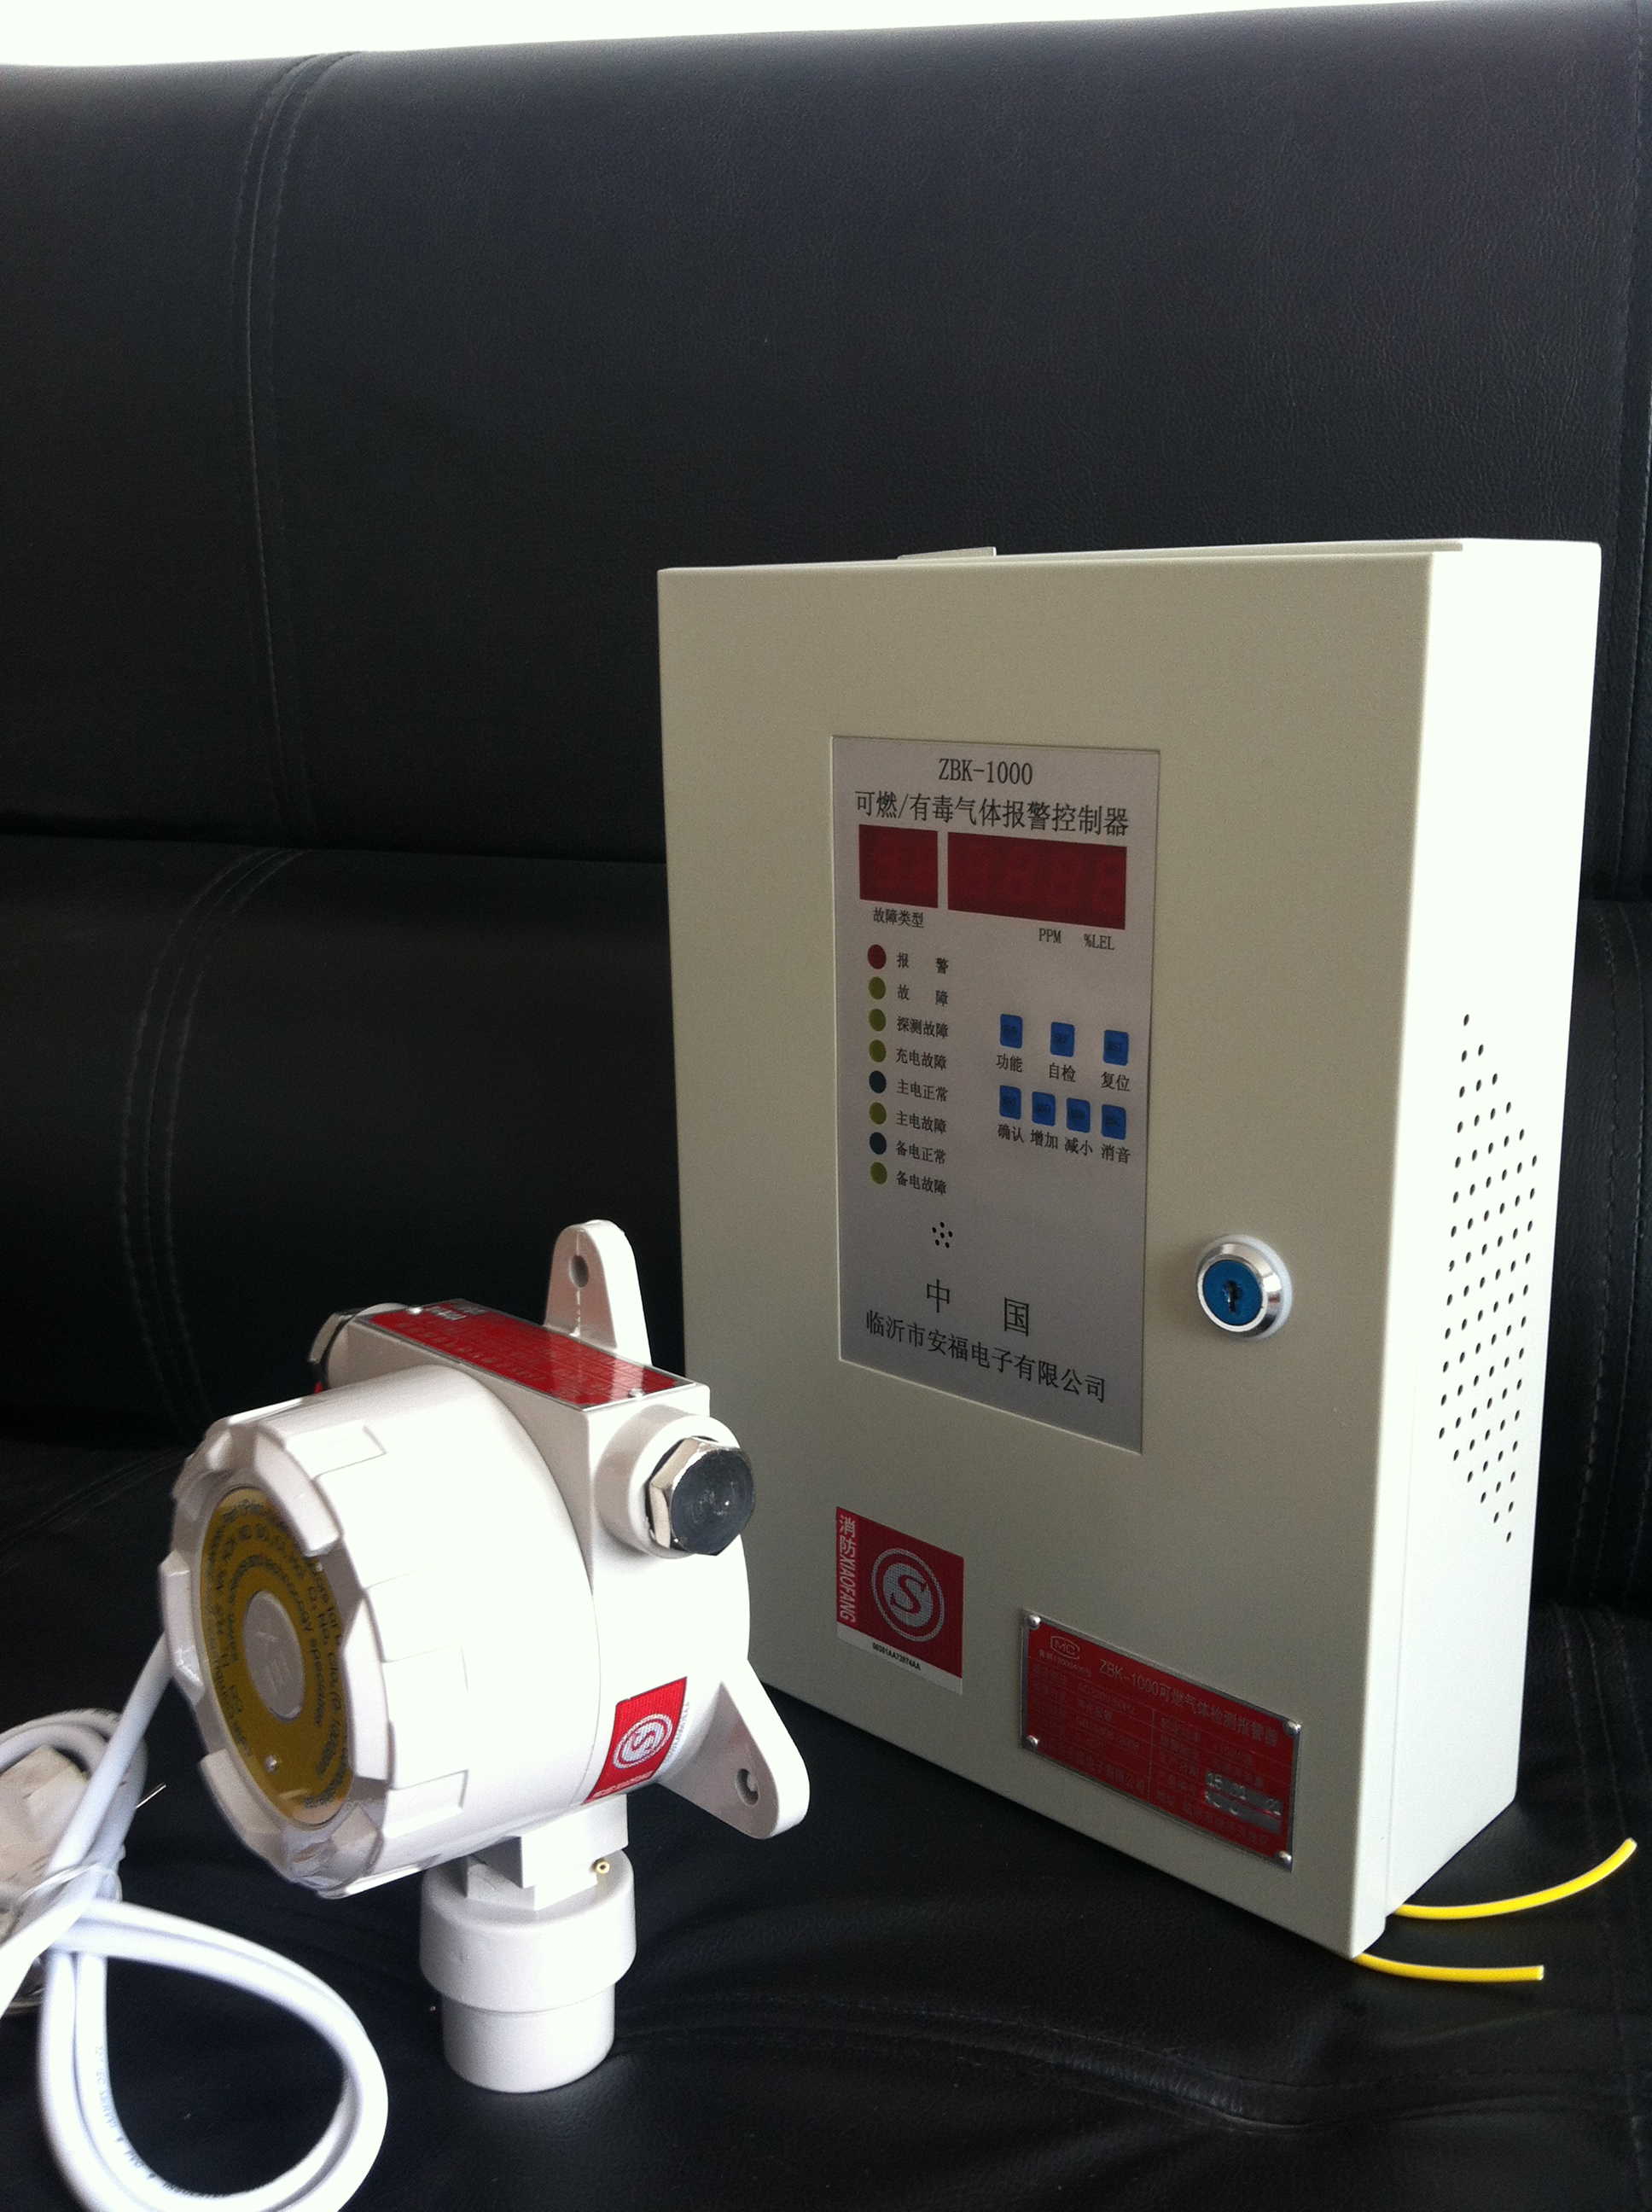 Стены - установлен органическом синтезе этанол концентрация алкоголя сигнализации метанол детектор утечки газа